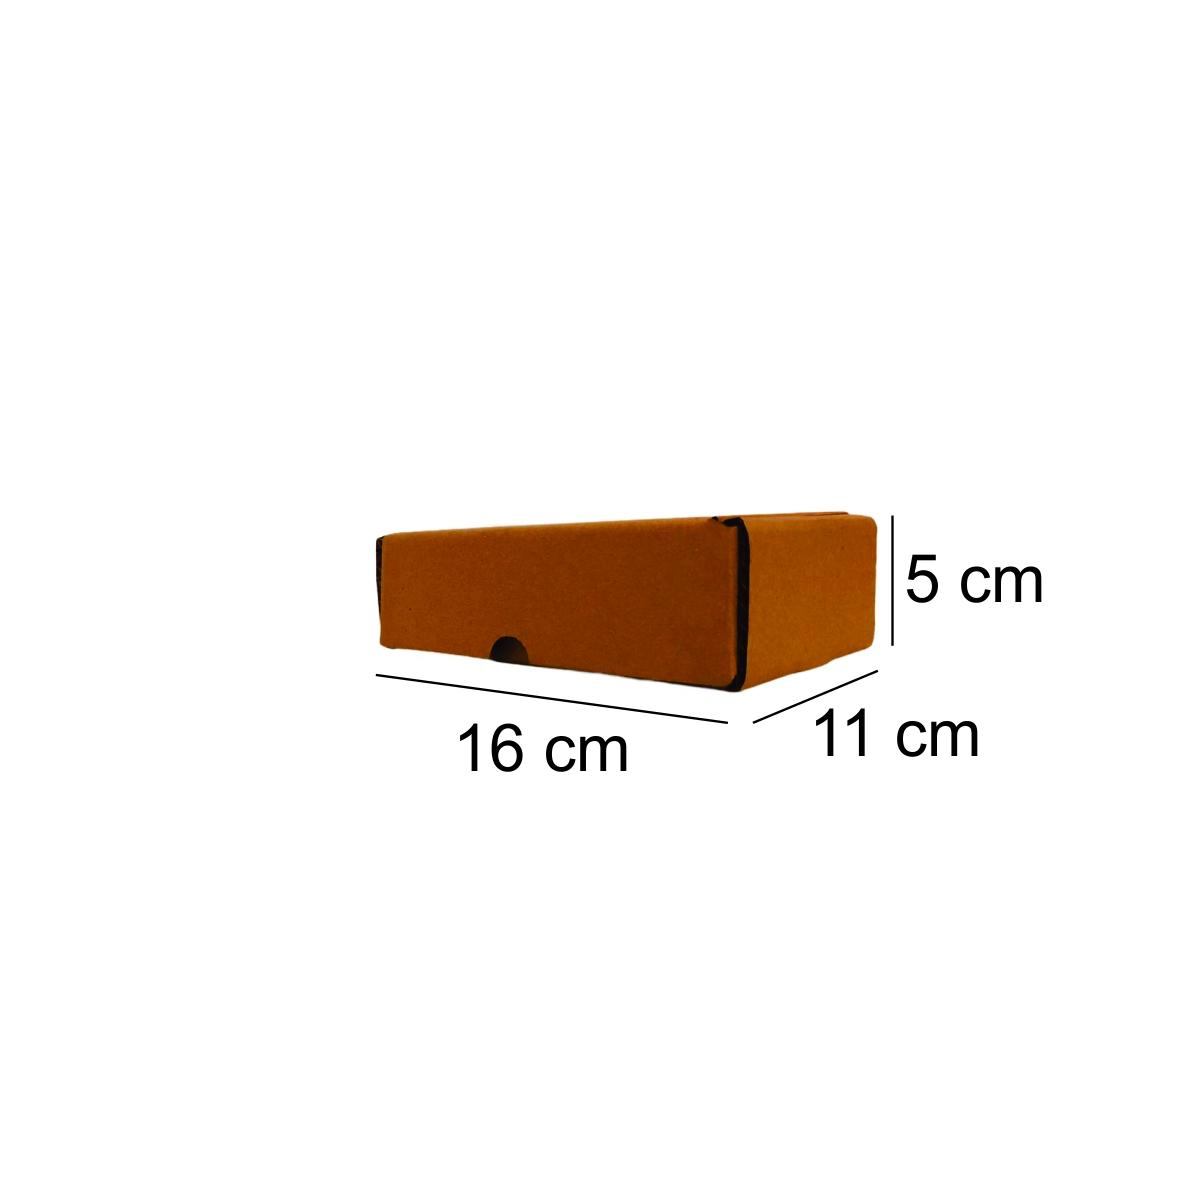 50 Caixas de Papelão Montável (16X11X5)cm - Correios